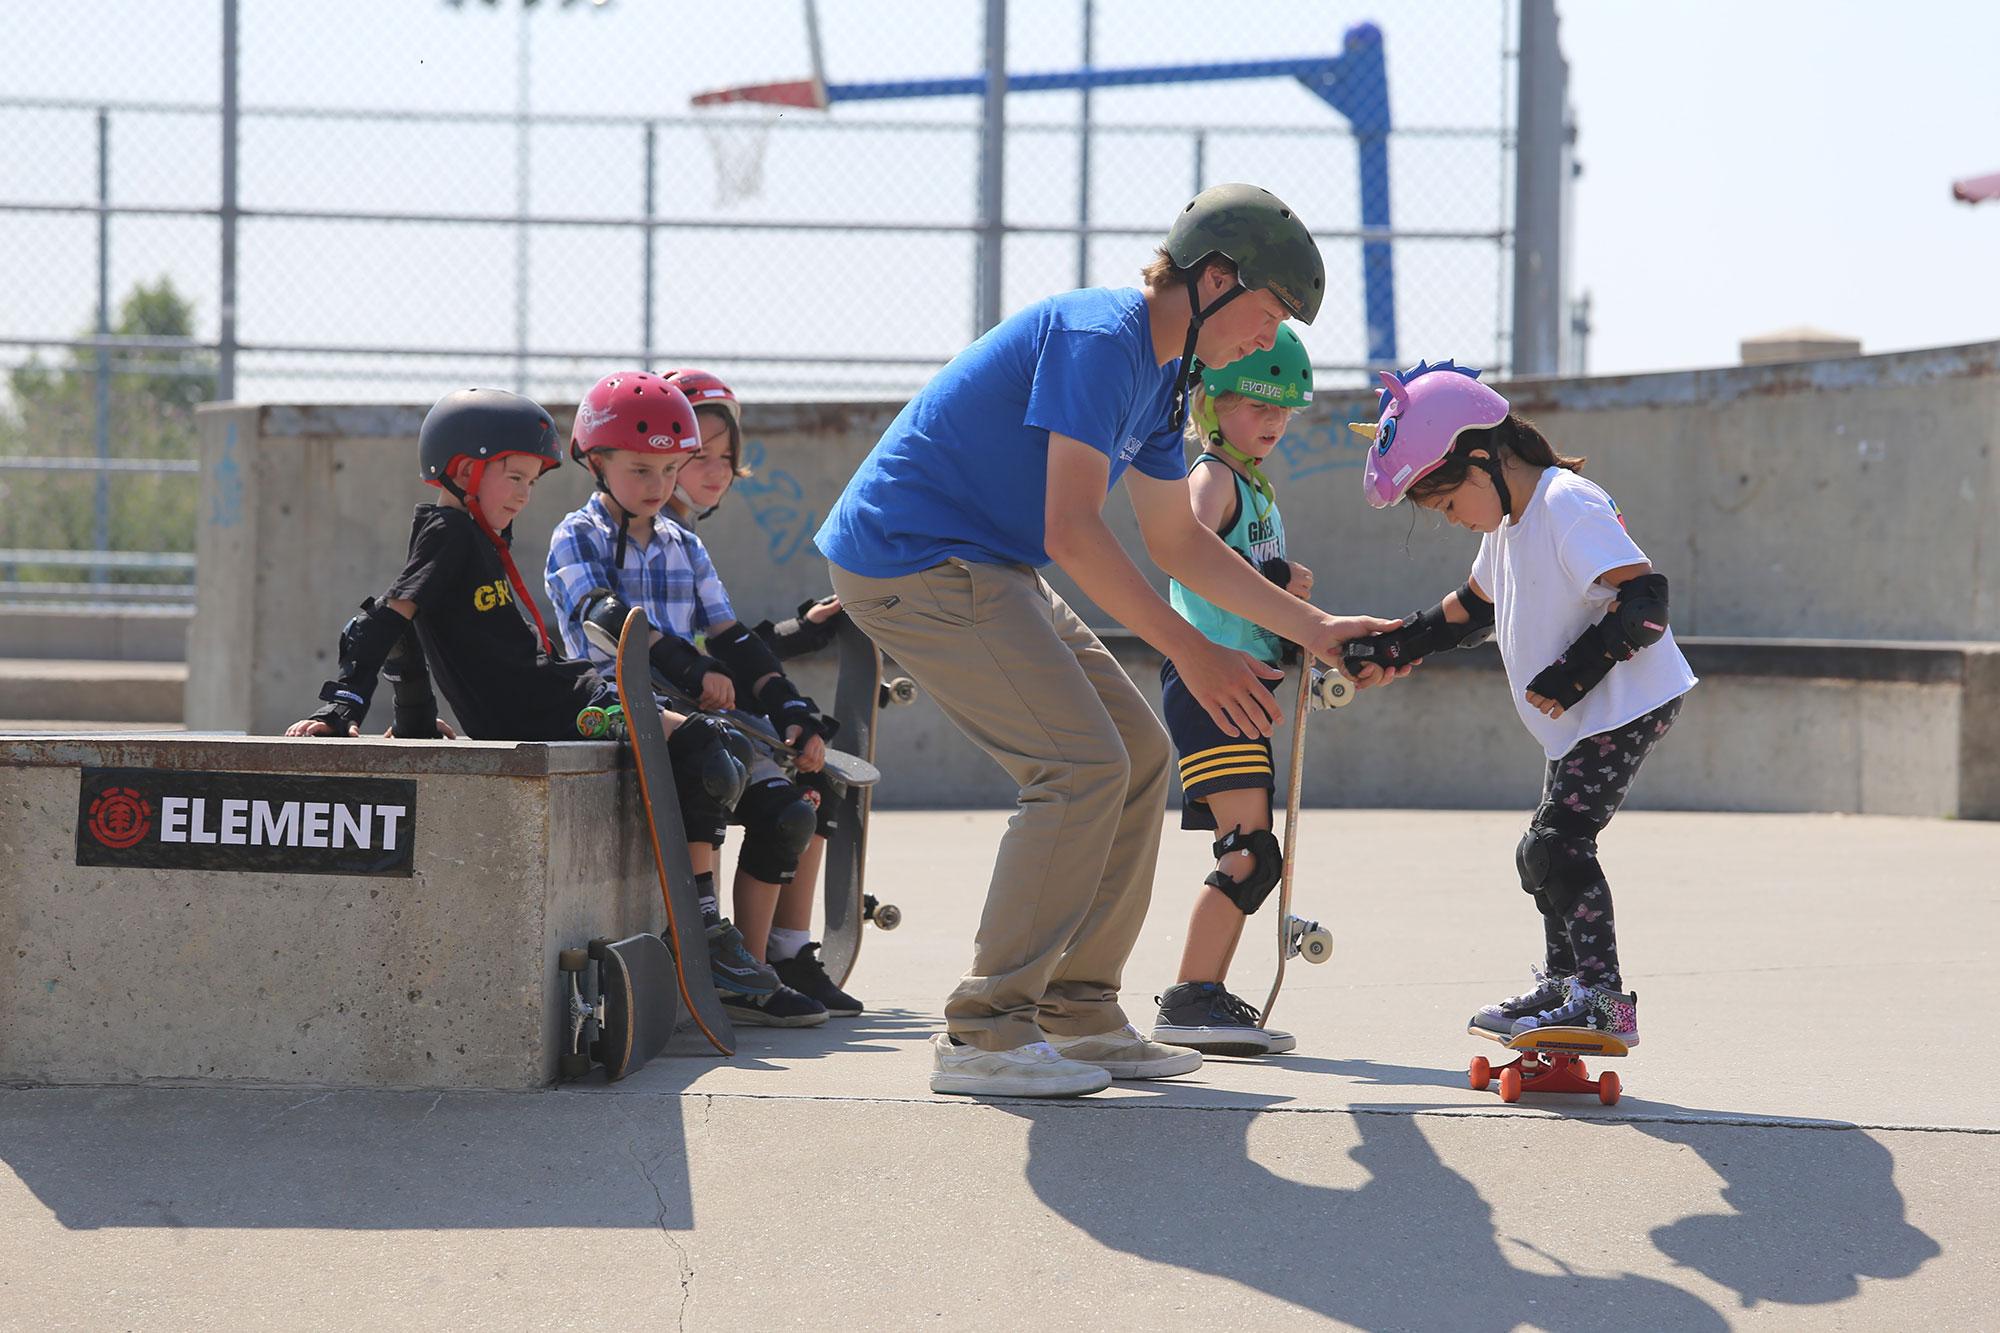 Spring Skateboarding Lessons